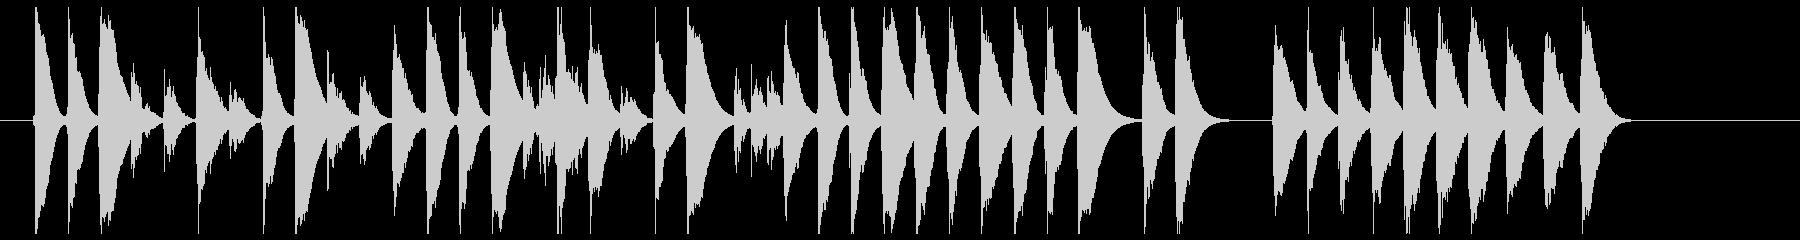 おもちゃのピアノで切ない曲の未再生の波形